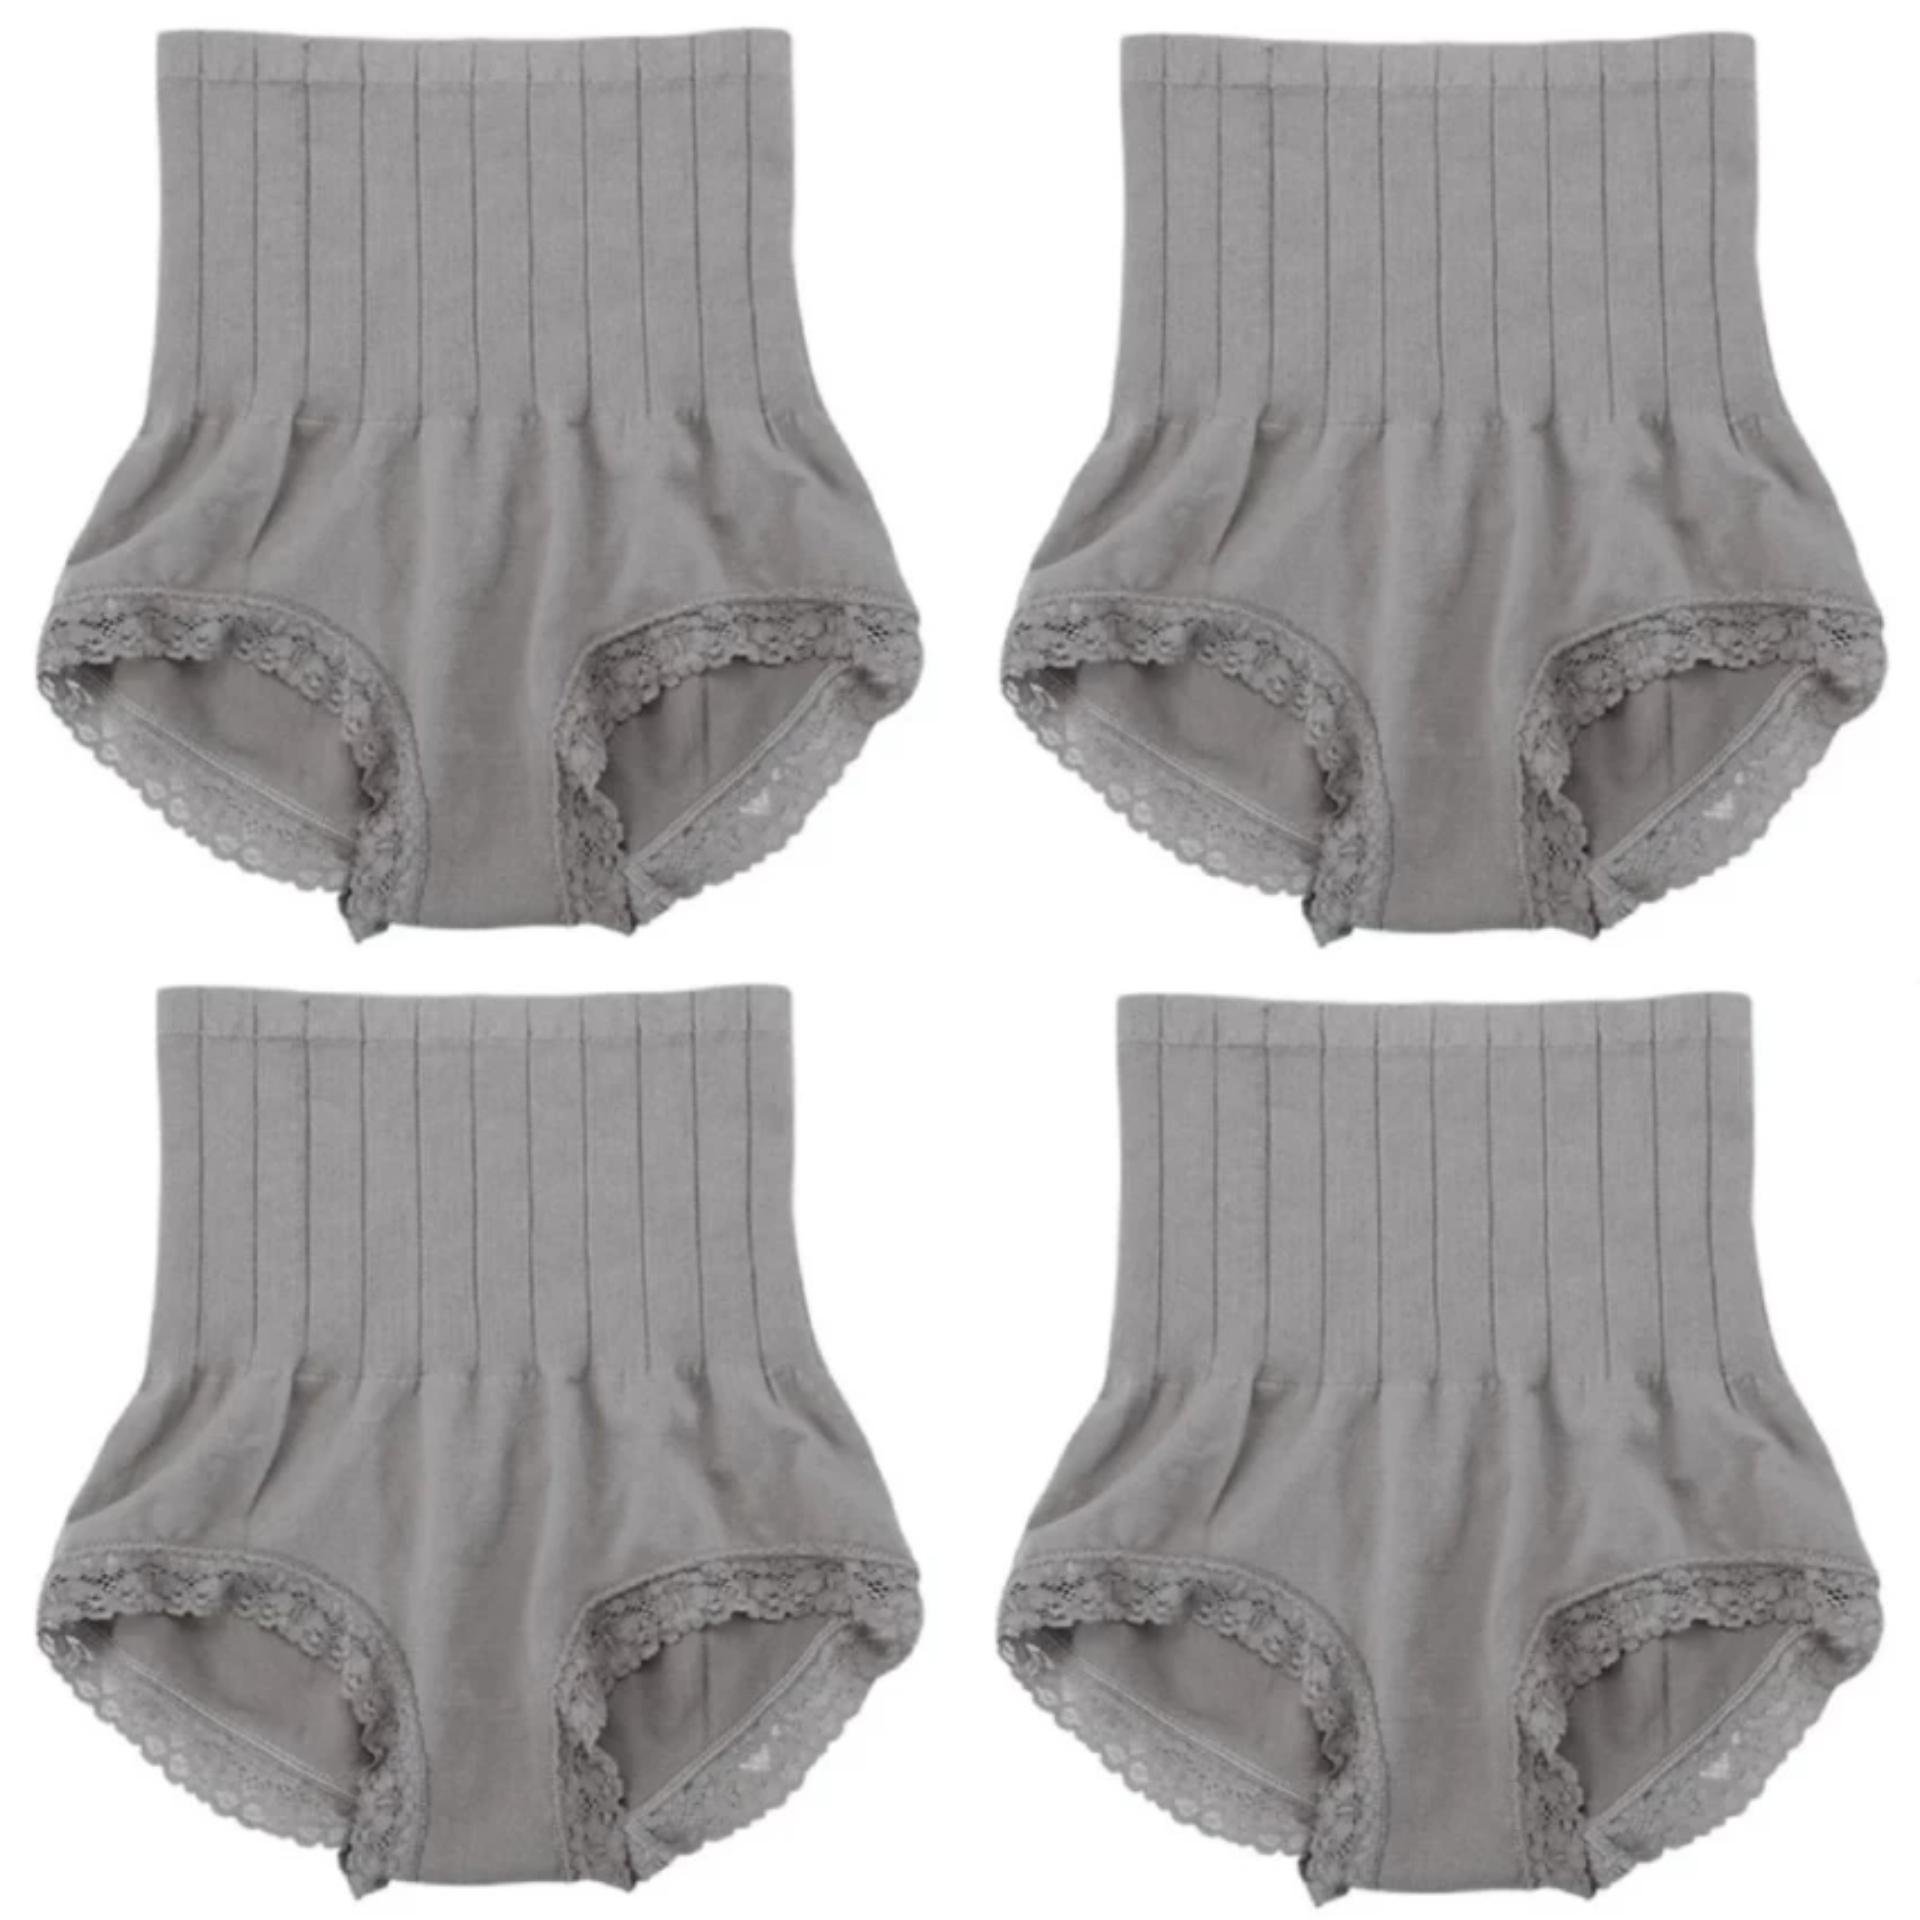 Top 10 Munafie Slim Pant Korset Japan Pelangsing Celana Allsize Abu Abu 4 Pcs Online